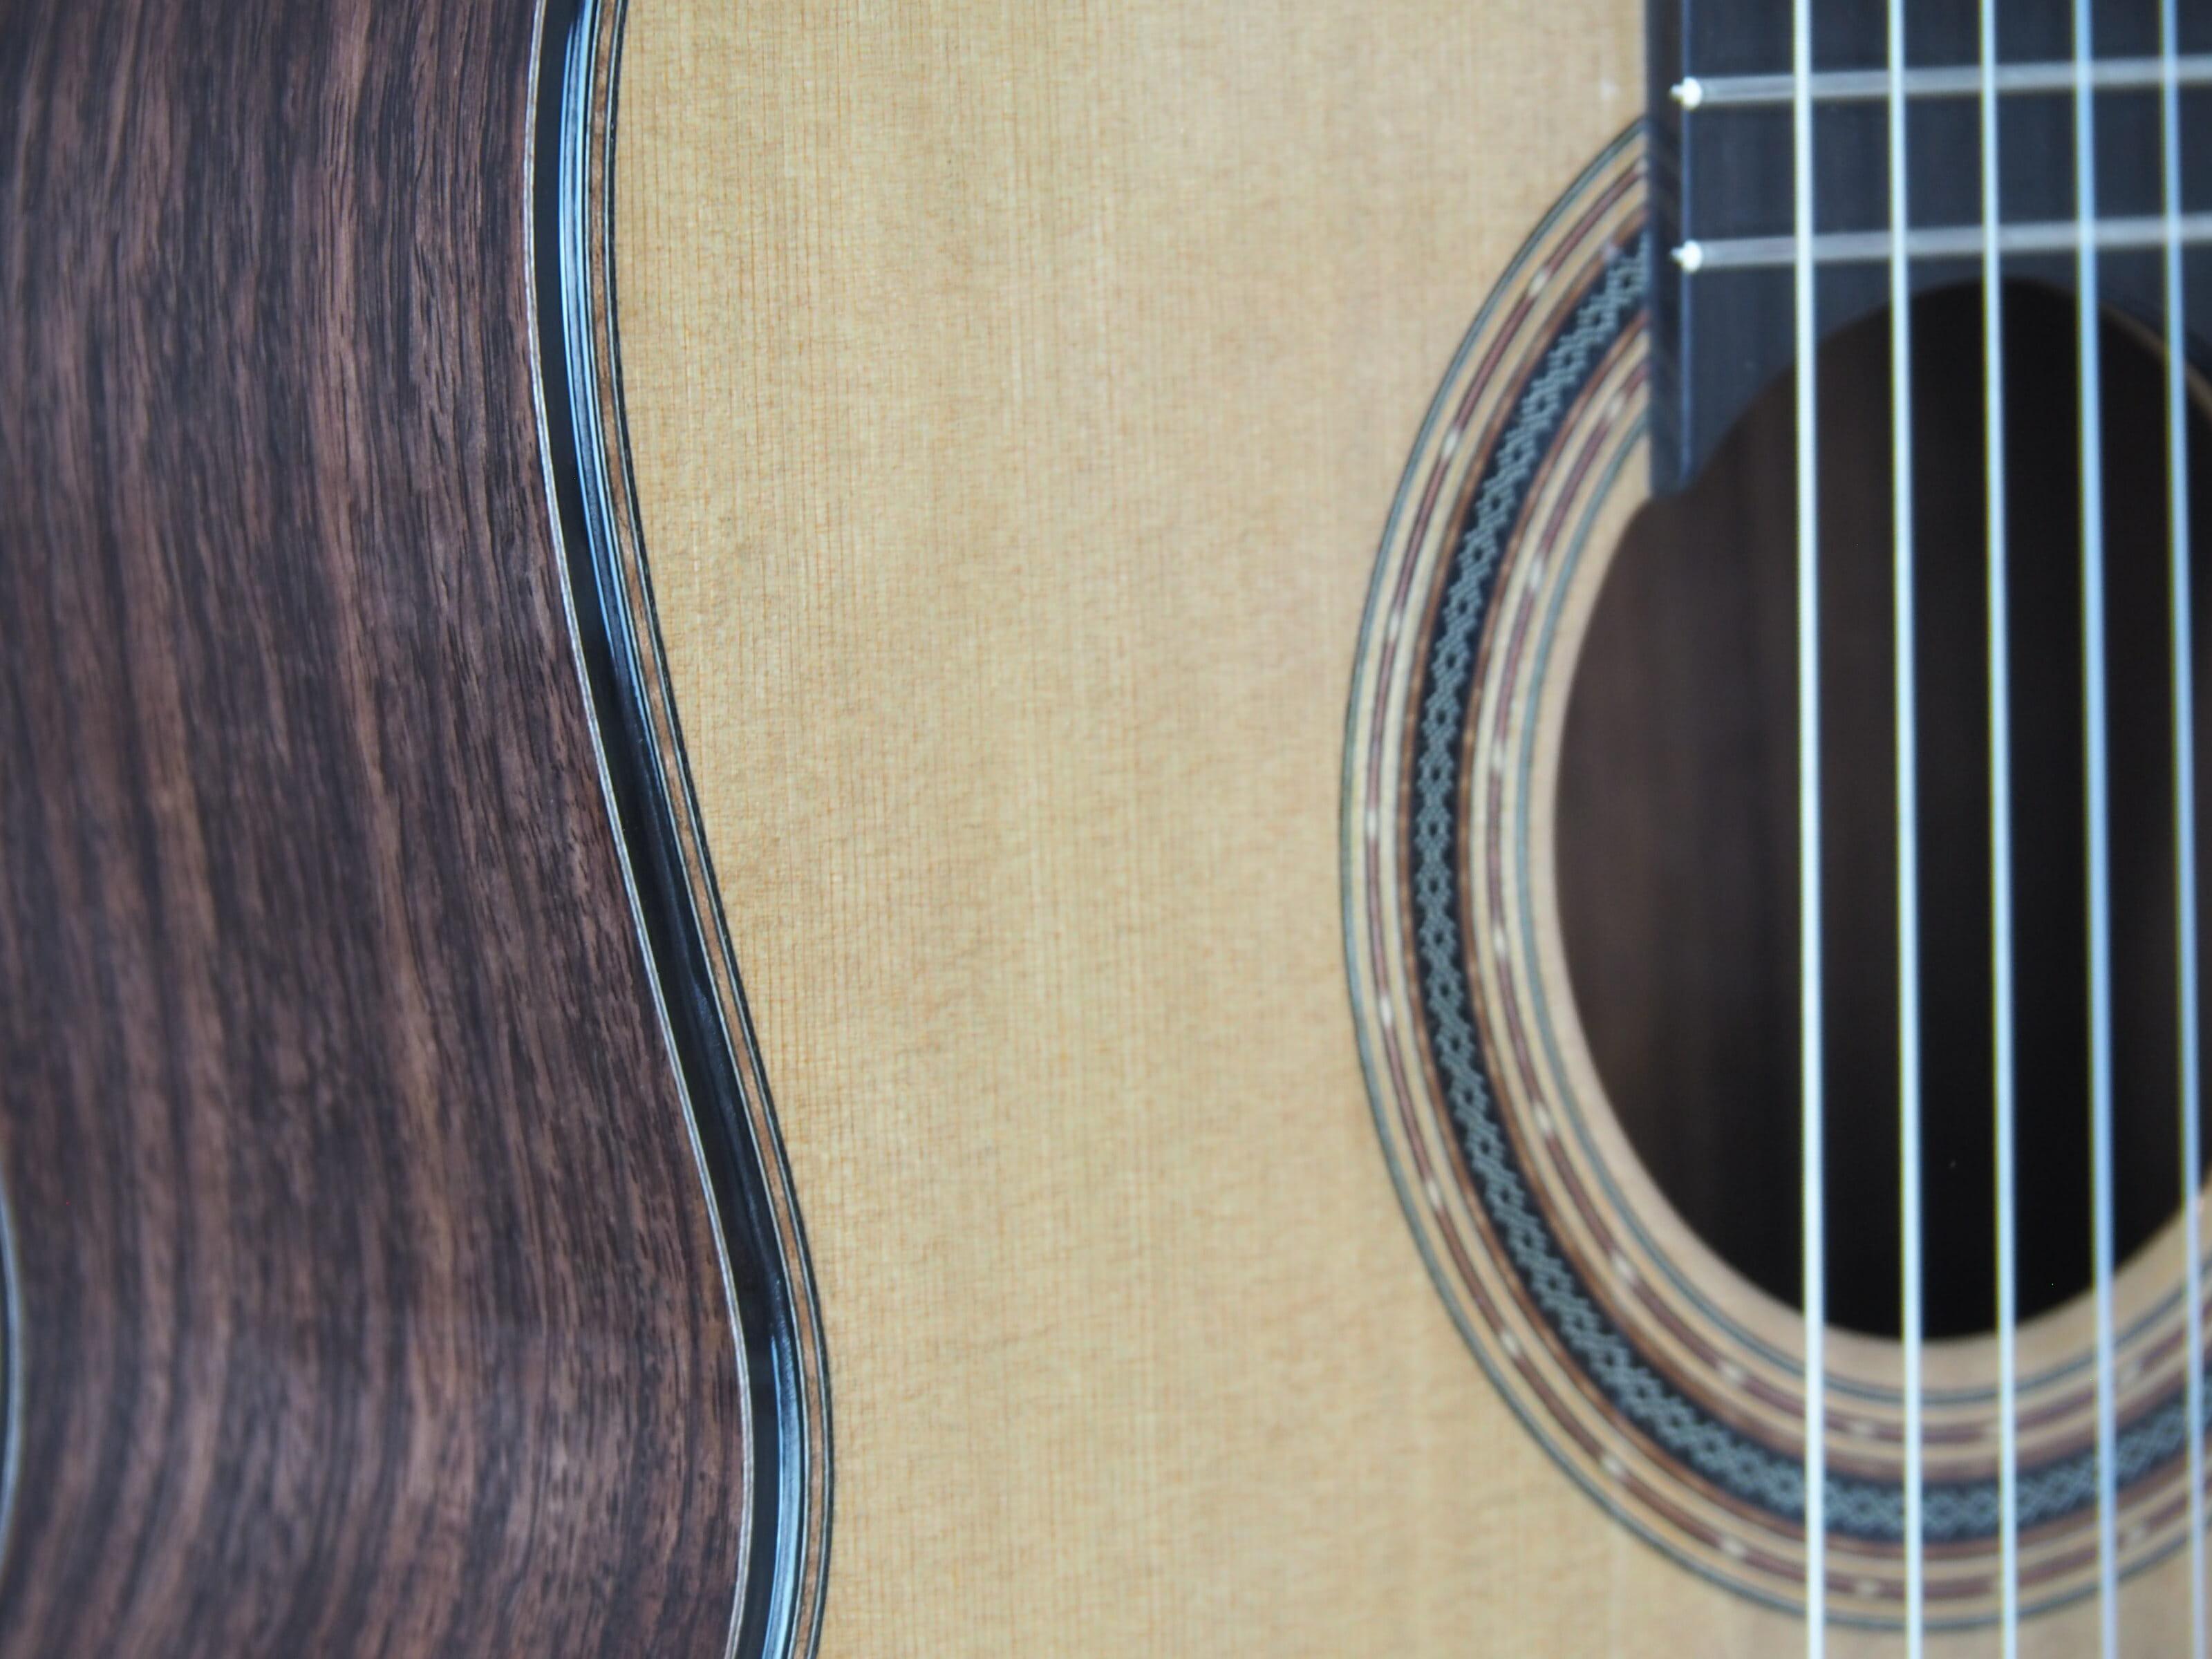 Michel Belair luthier guitare classique 2019 19BEL019-04